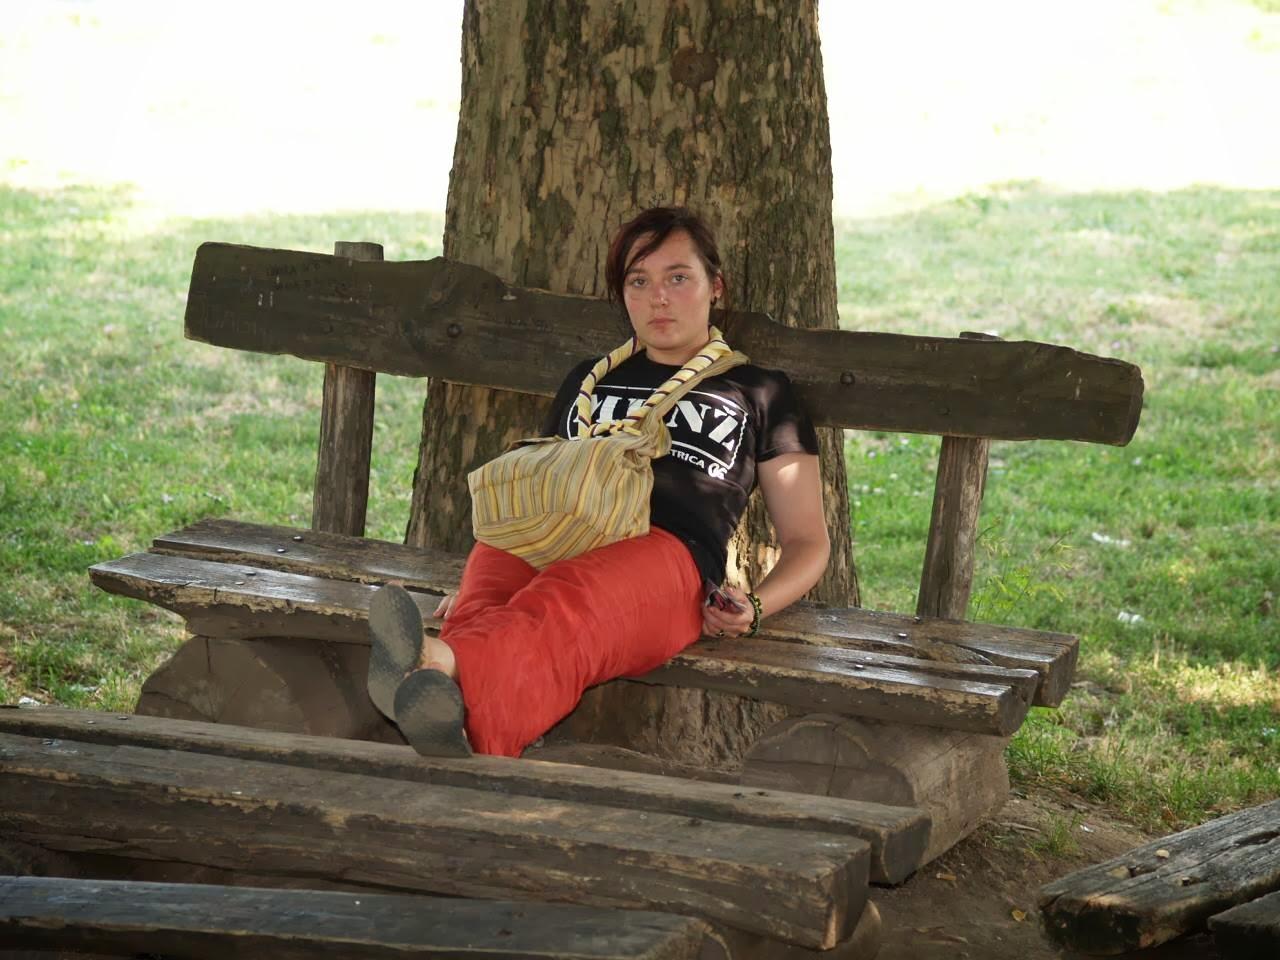 Smotra, Smotra 2006 - P0220743.JPG